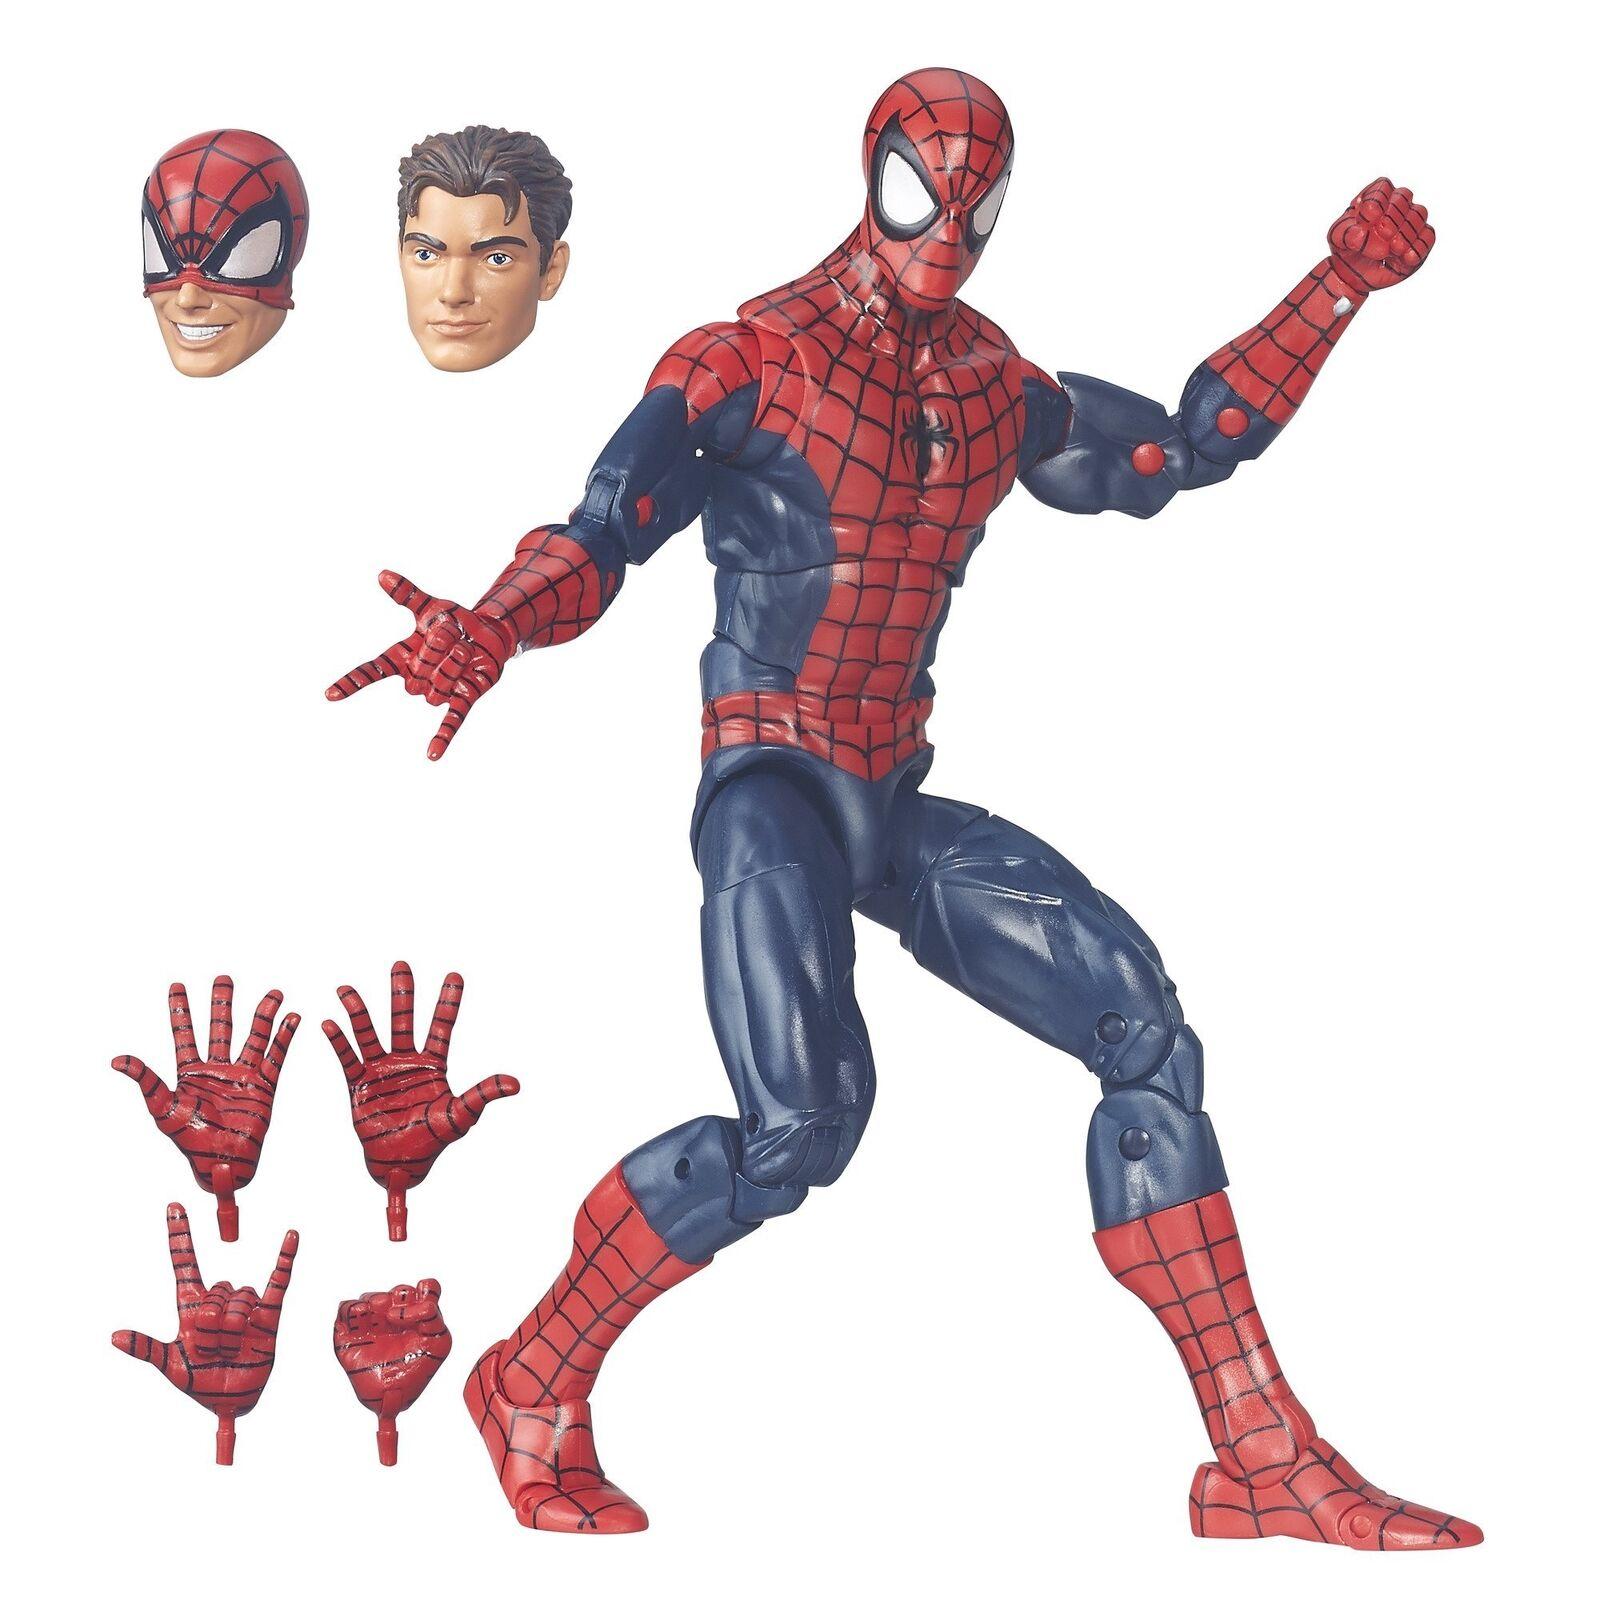 Marvel legends series  spider - man  - figur, 12 zoll